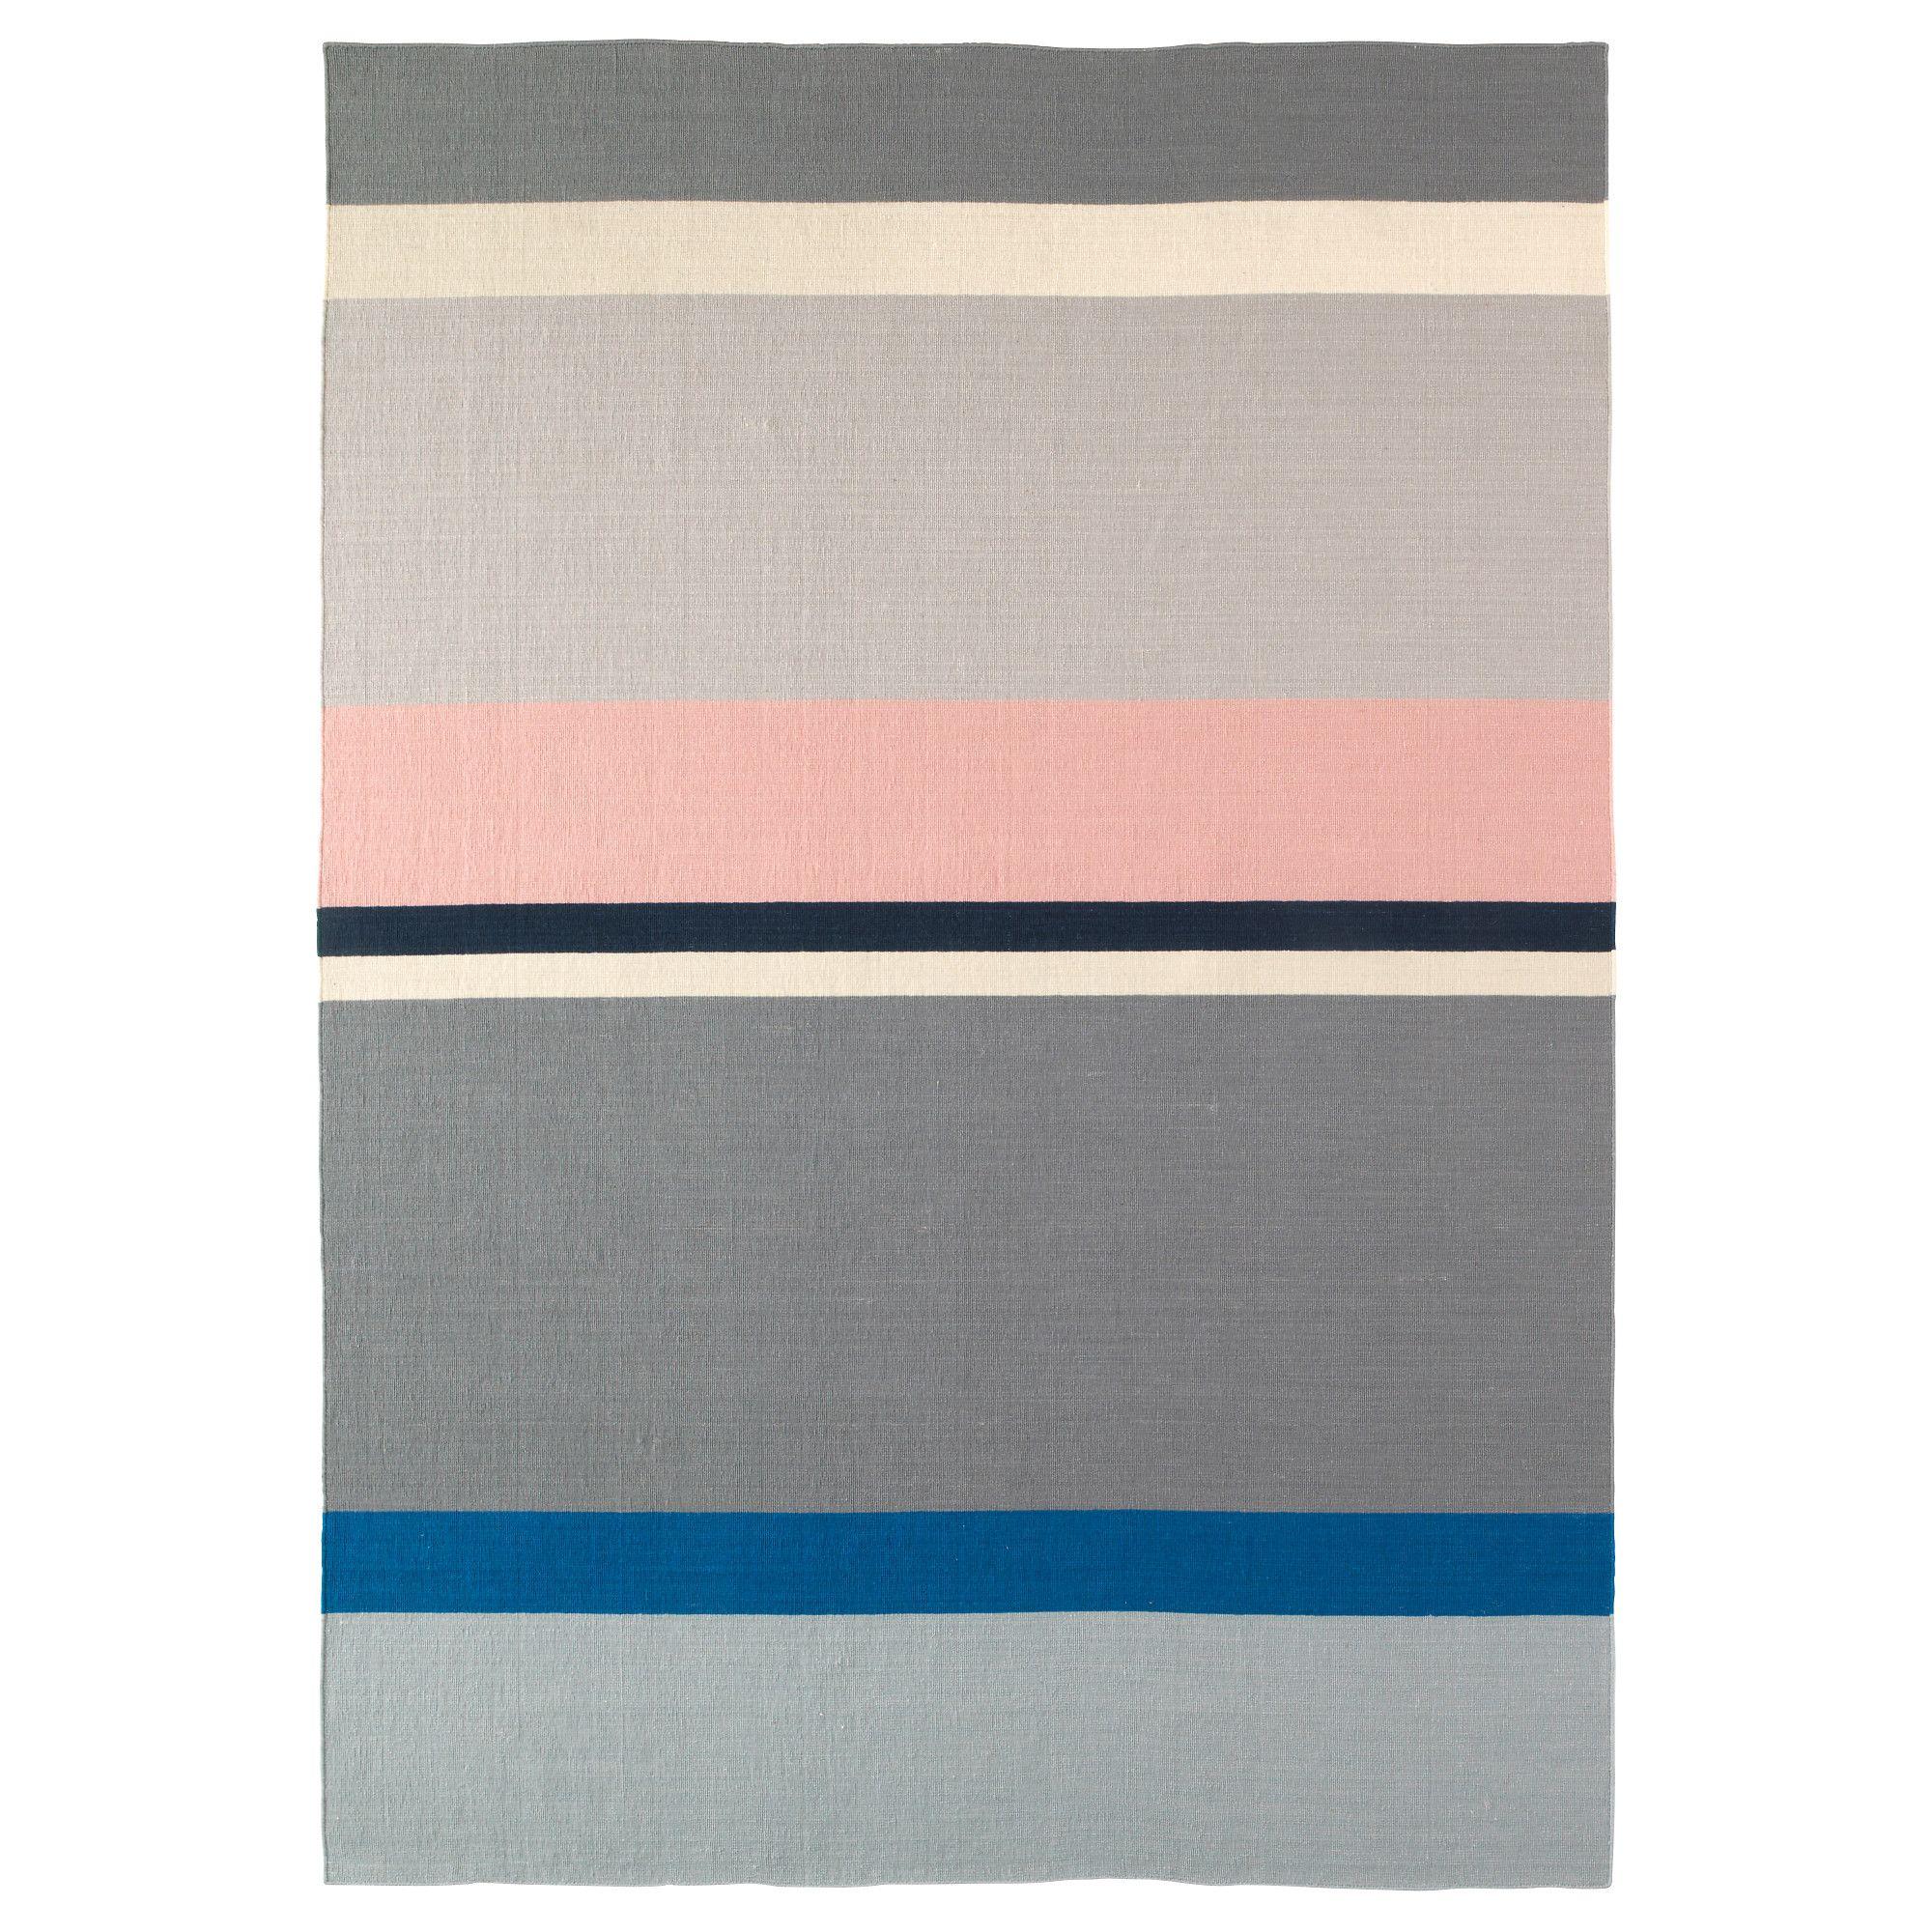 Living Room Ikea Indonesia: SALTBÄK Rug, Flatwoven, Handmade Multicolor Multicolor